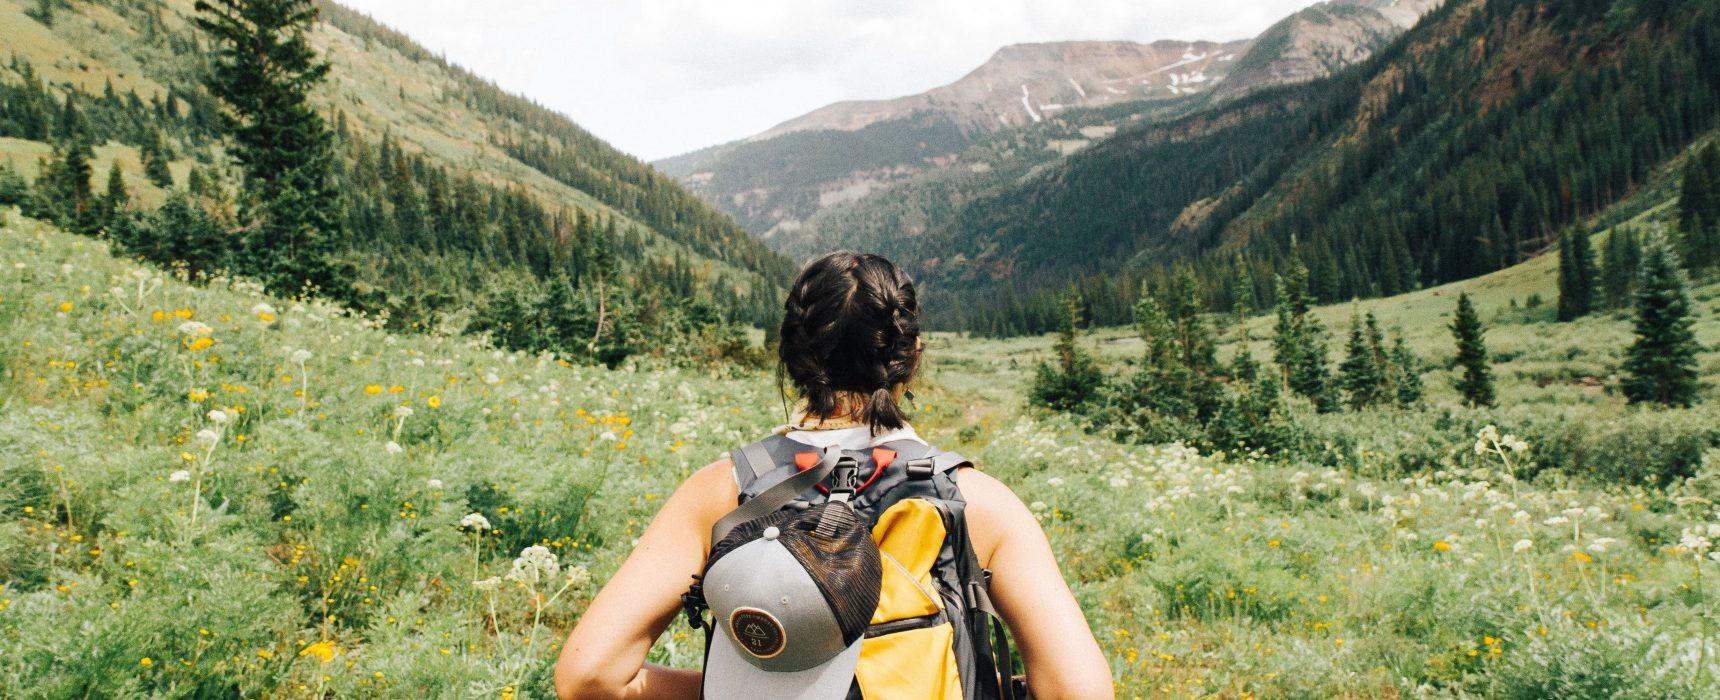 dove andare a camminare L'Aquila #jamolaquila consigli suggerimenti meteo Google hiking trekking